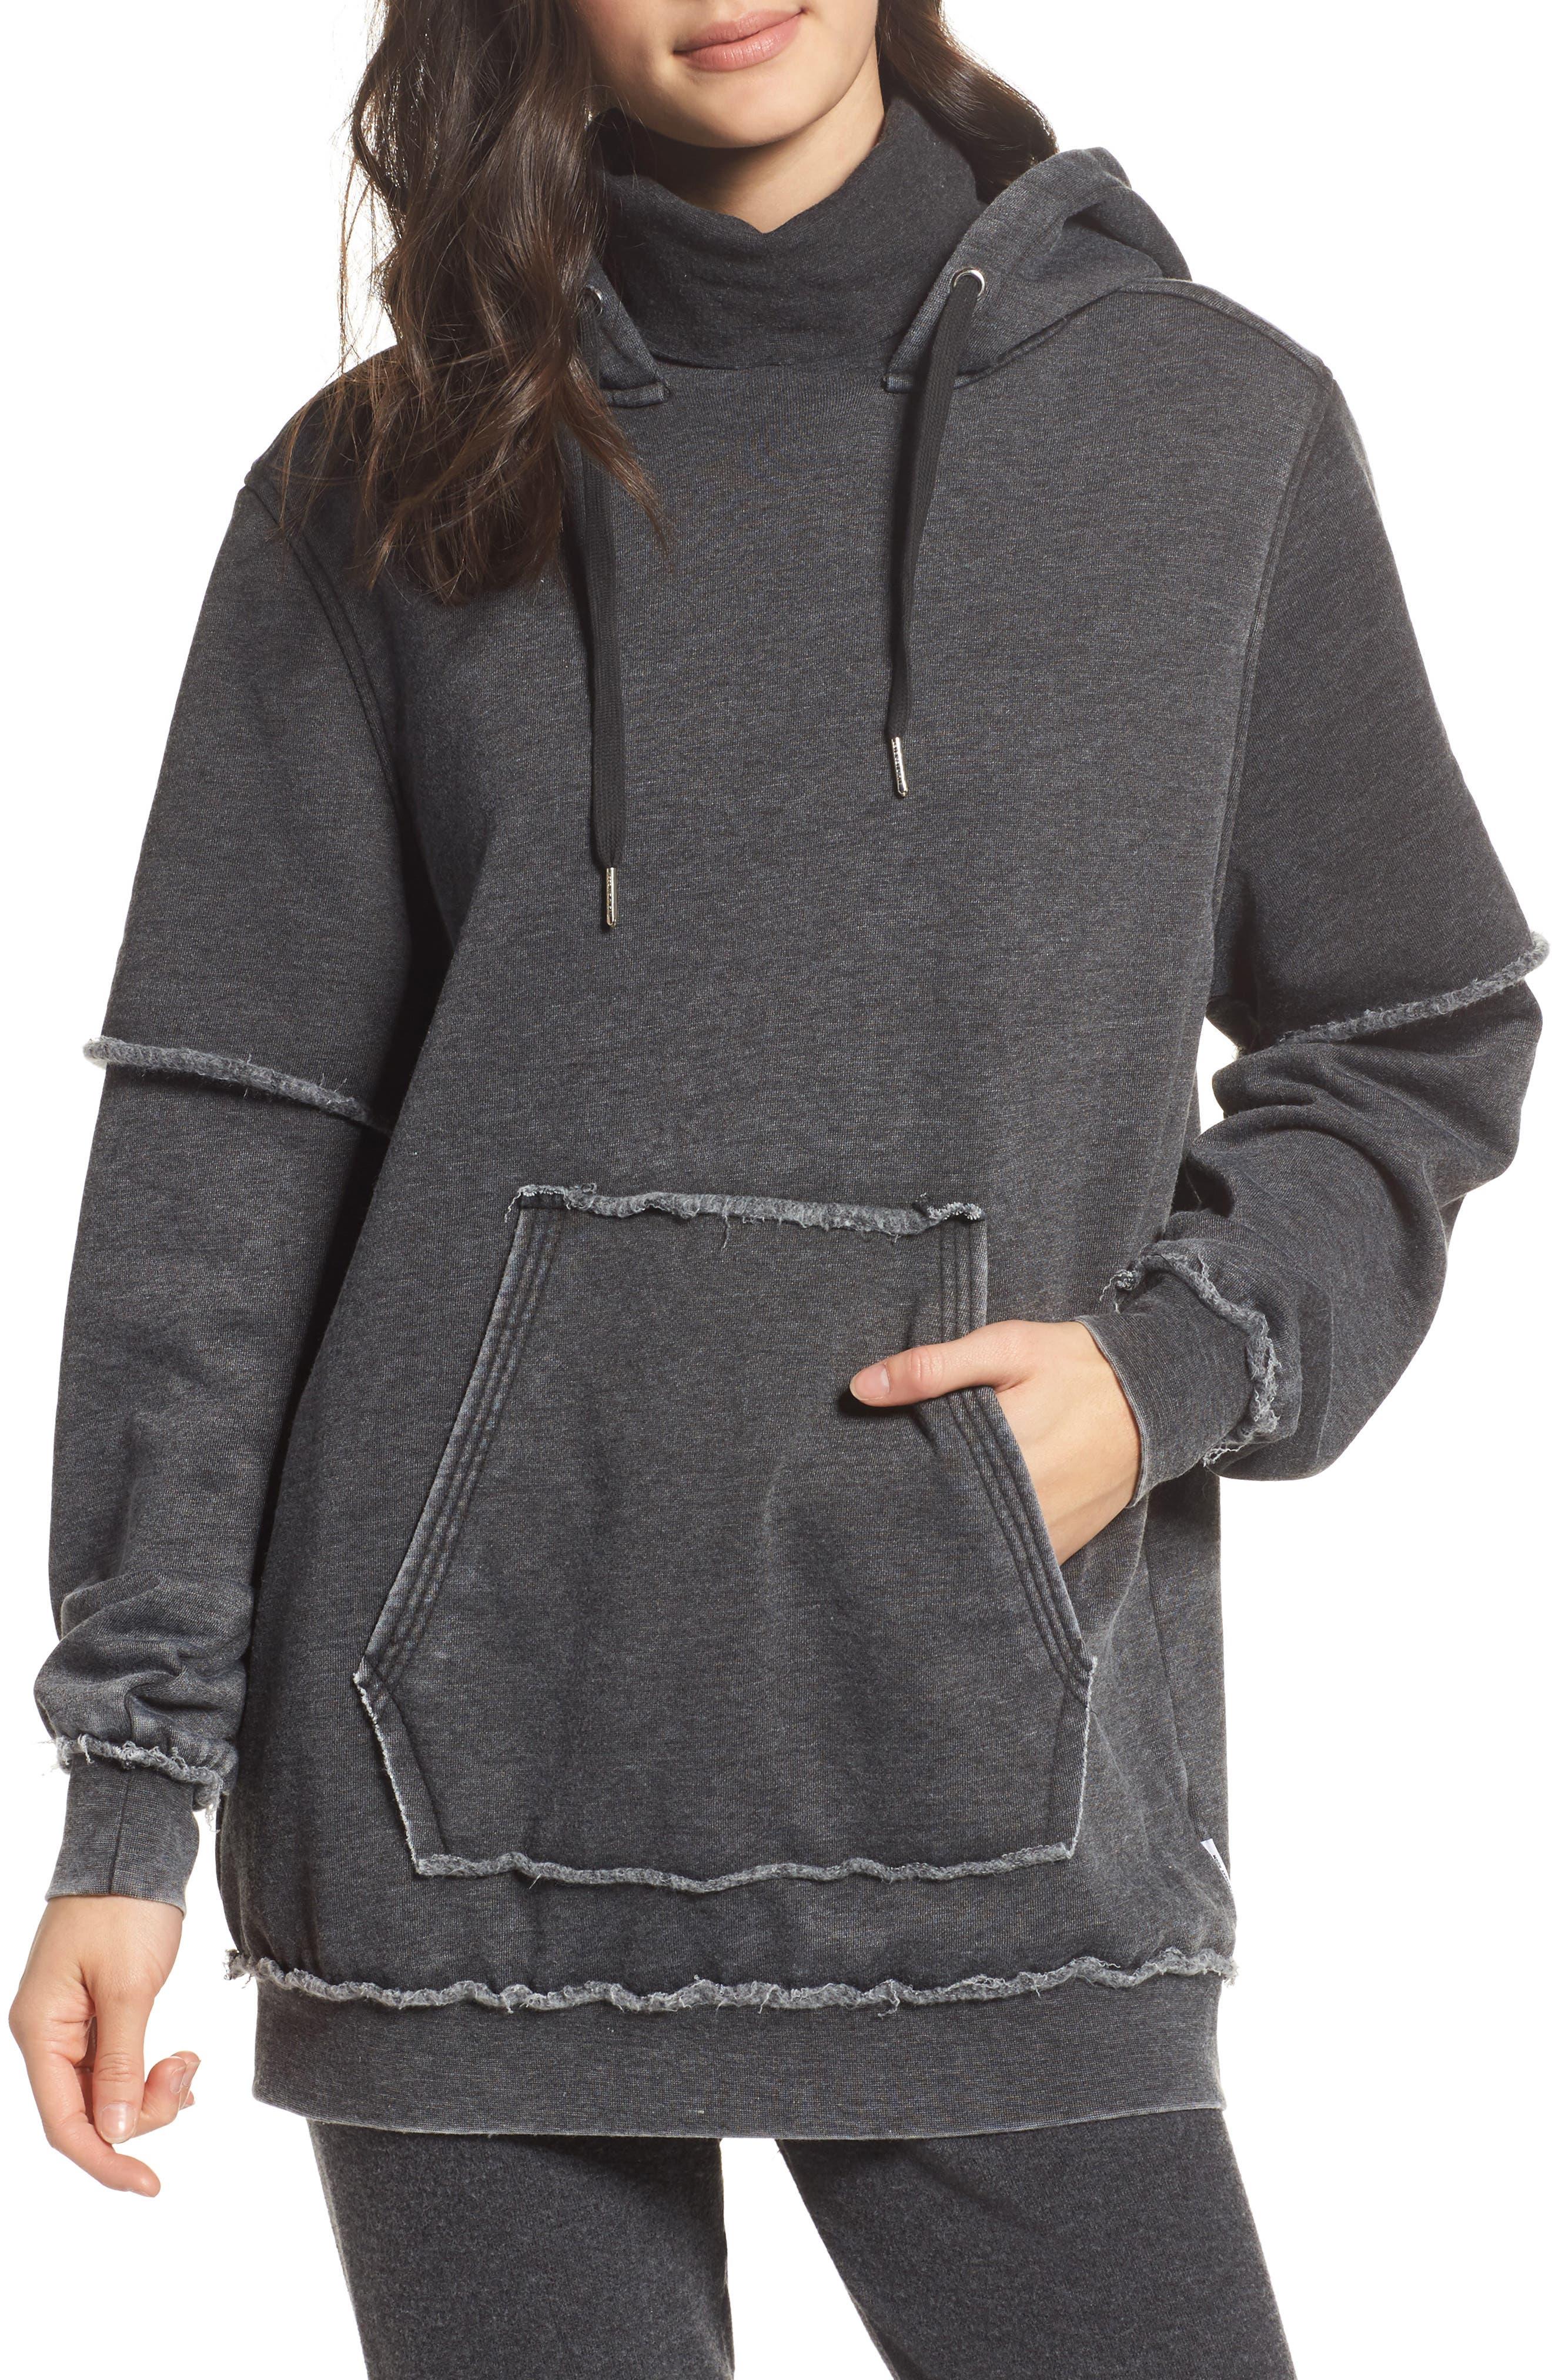 Good Hood Sweatshirt Dress,                             Main thumbnail 1, color,                             020